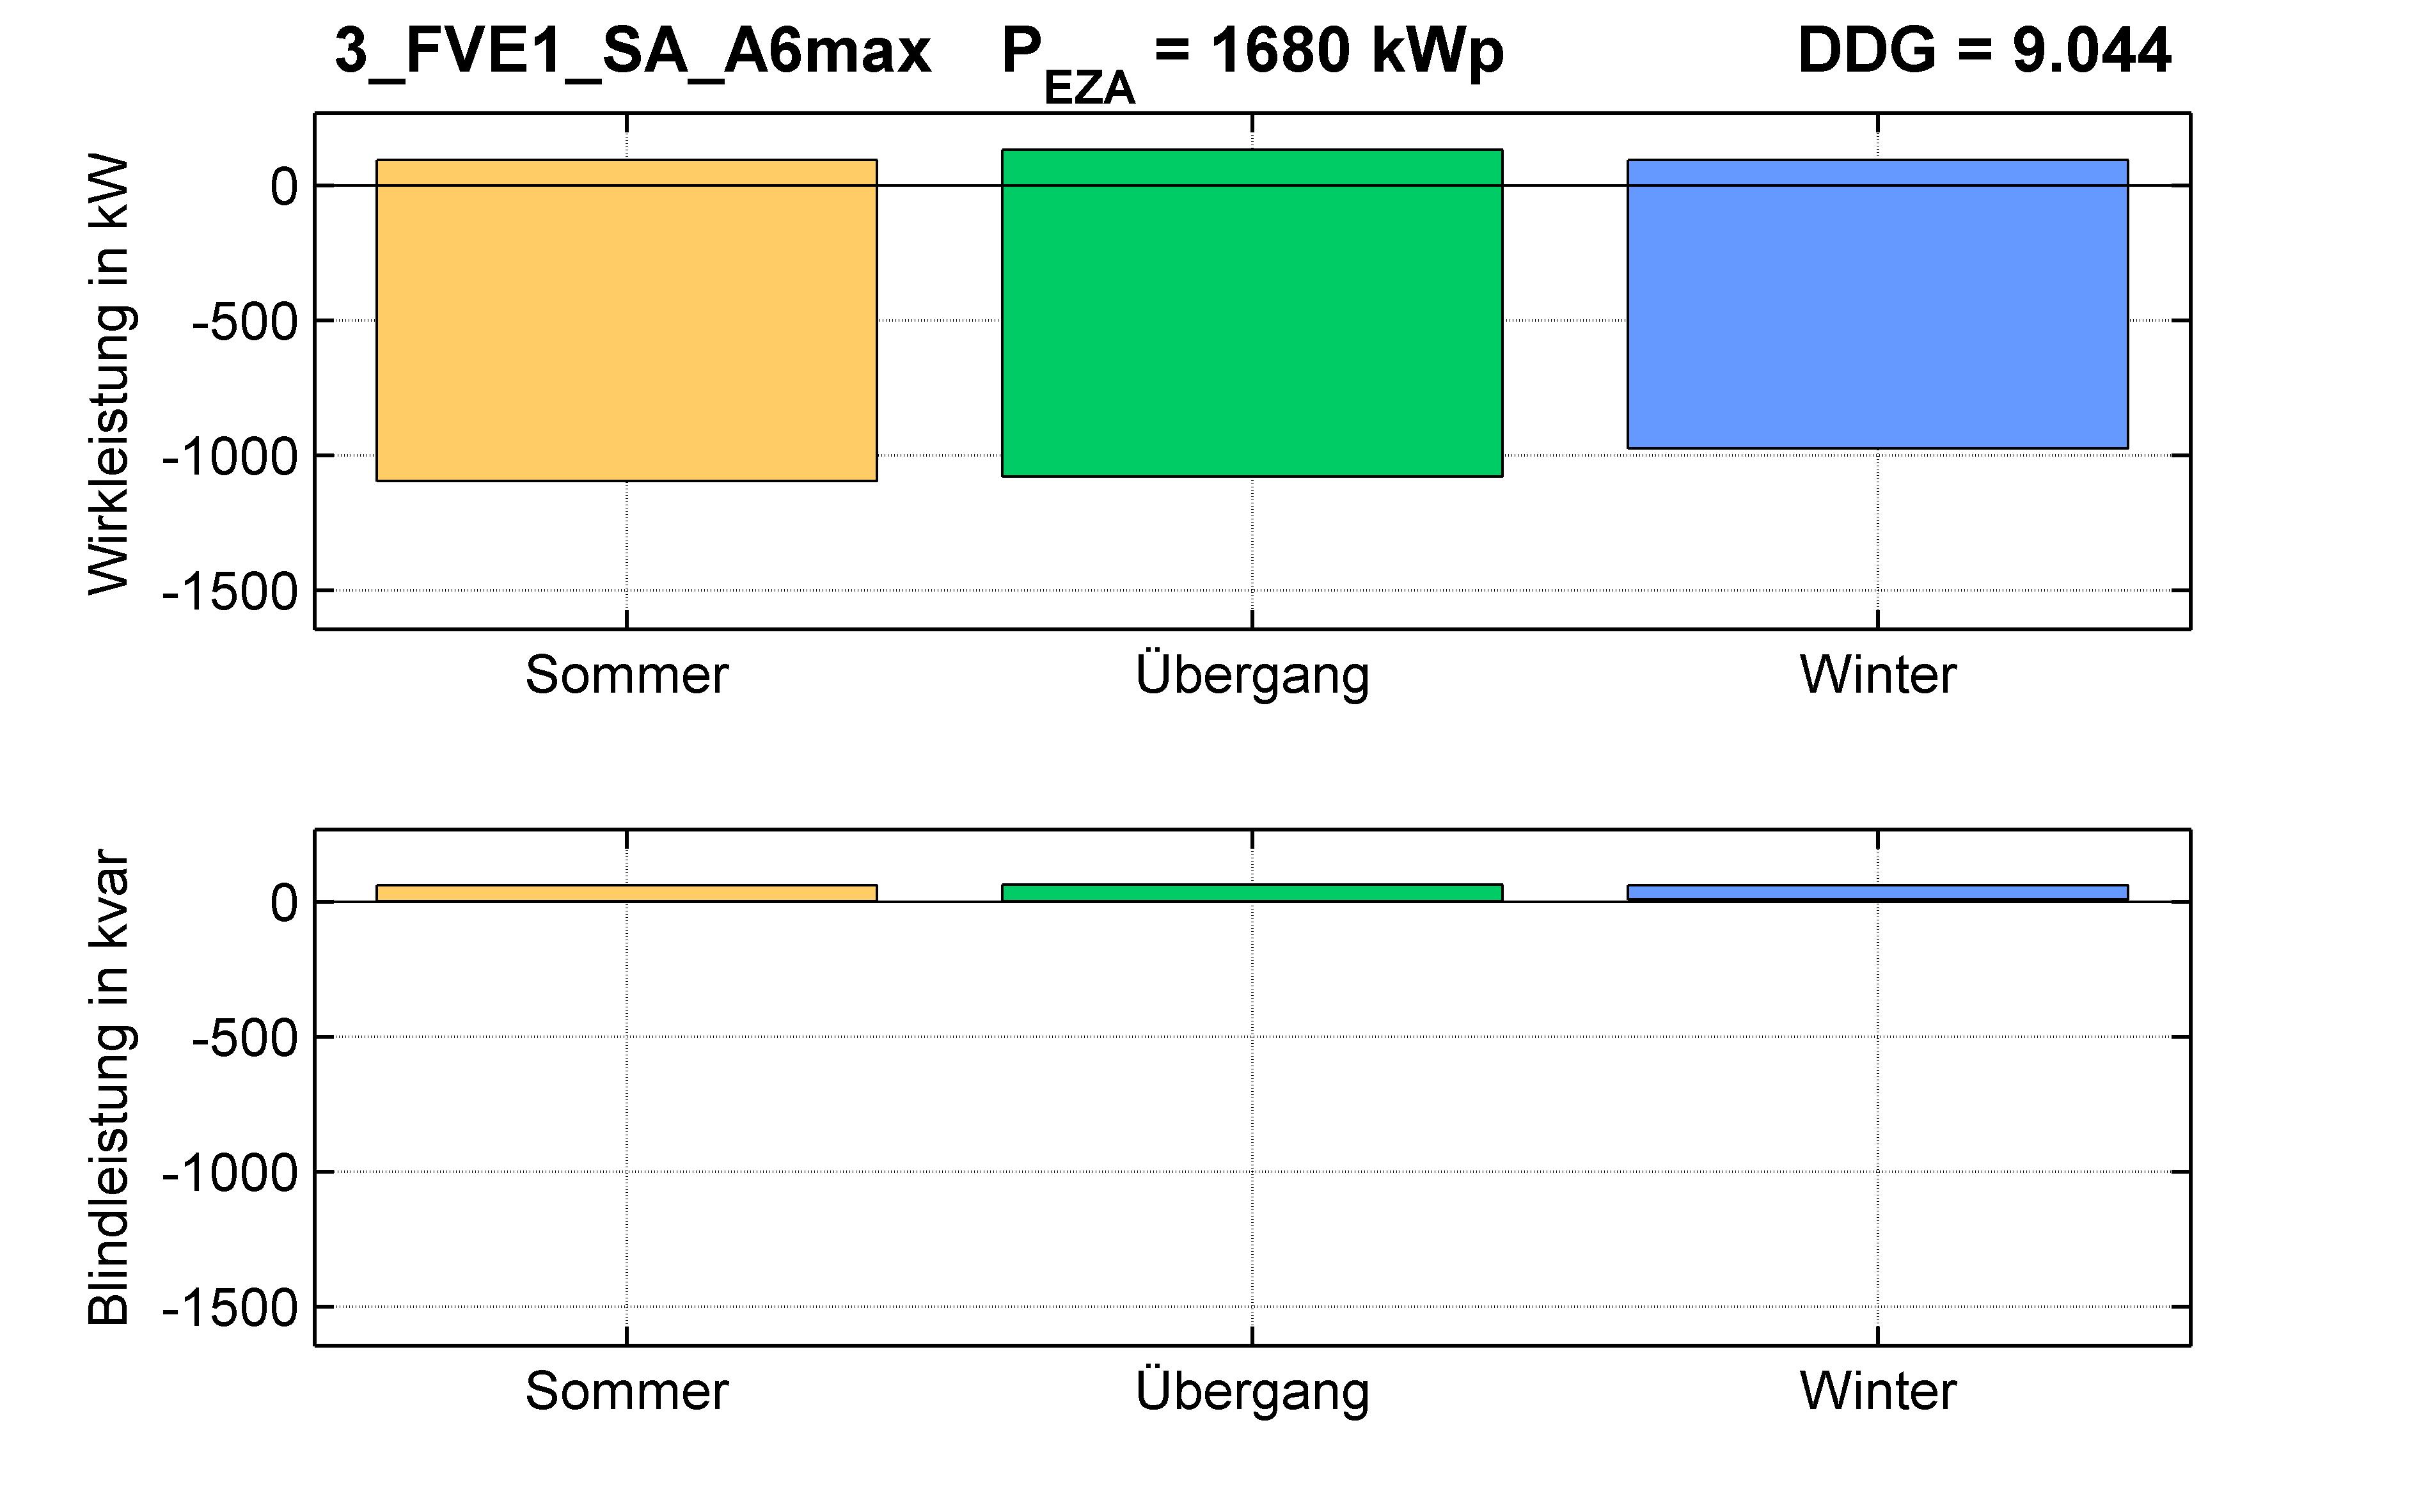 FVE1 | P-Kappung 70% (SA) A6max | PQ-Bilanz